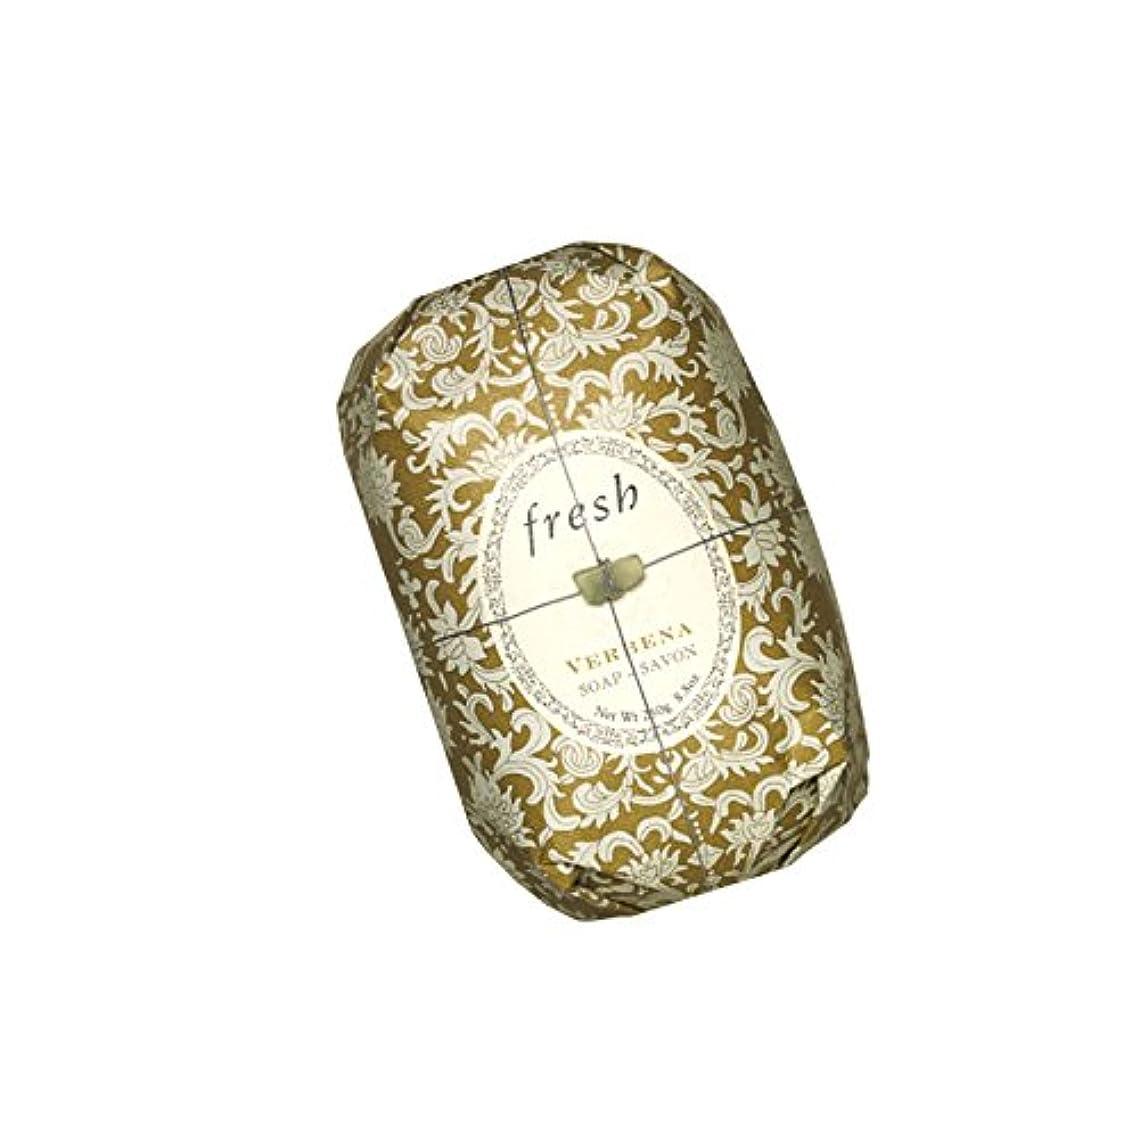 ペダル多様性暗殺Fresh フレッシュ Verbena Soap 石鹸, 250g/8.8oz. [海外直送品] [並行輸入品]